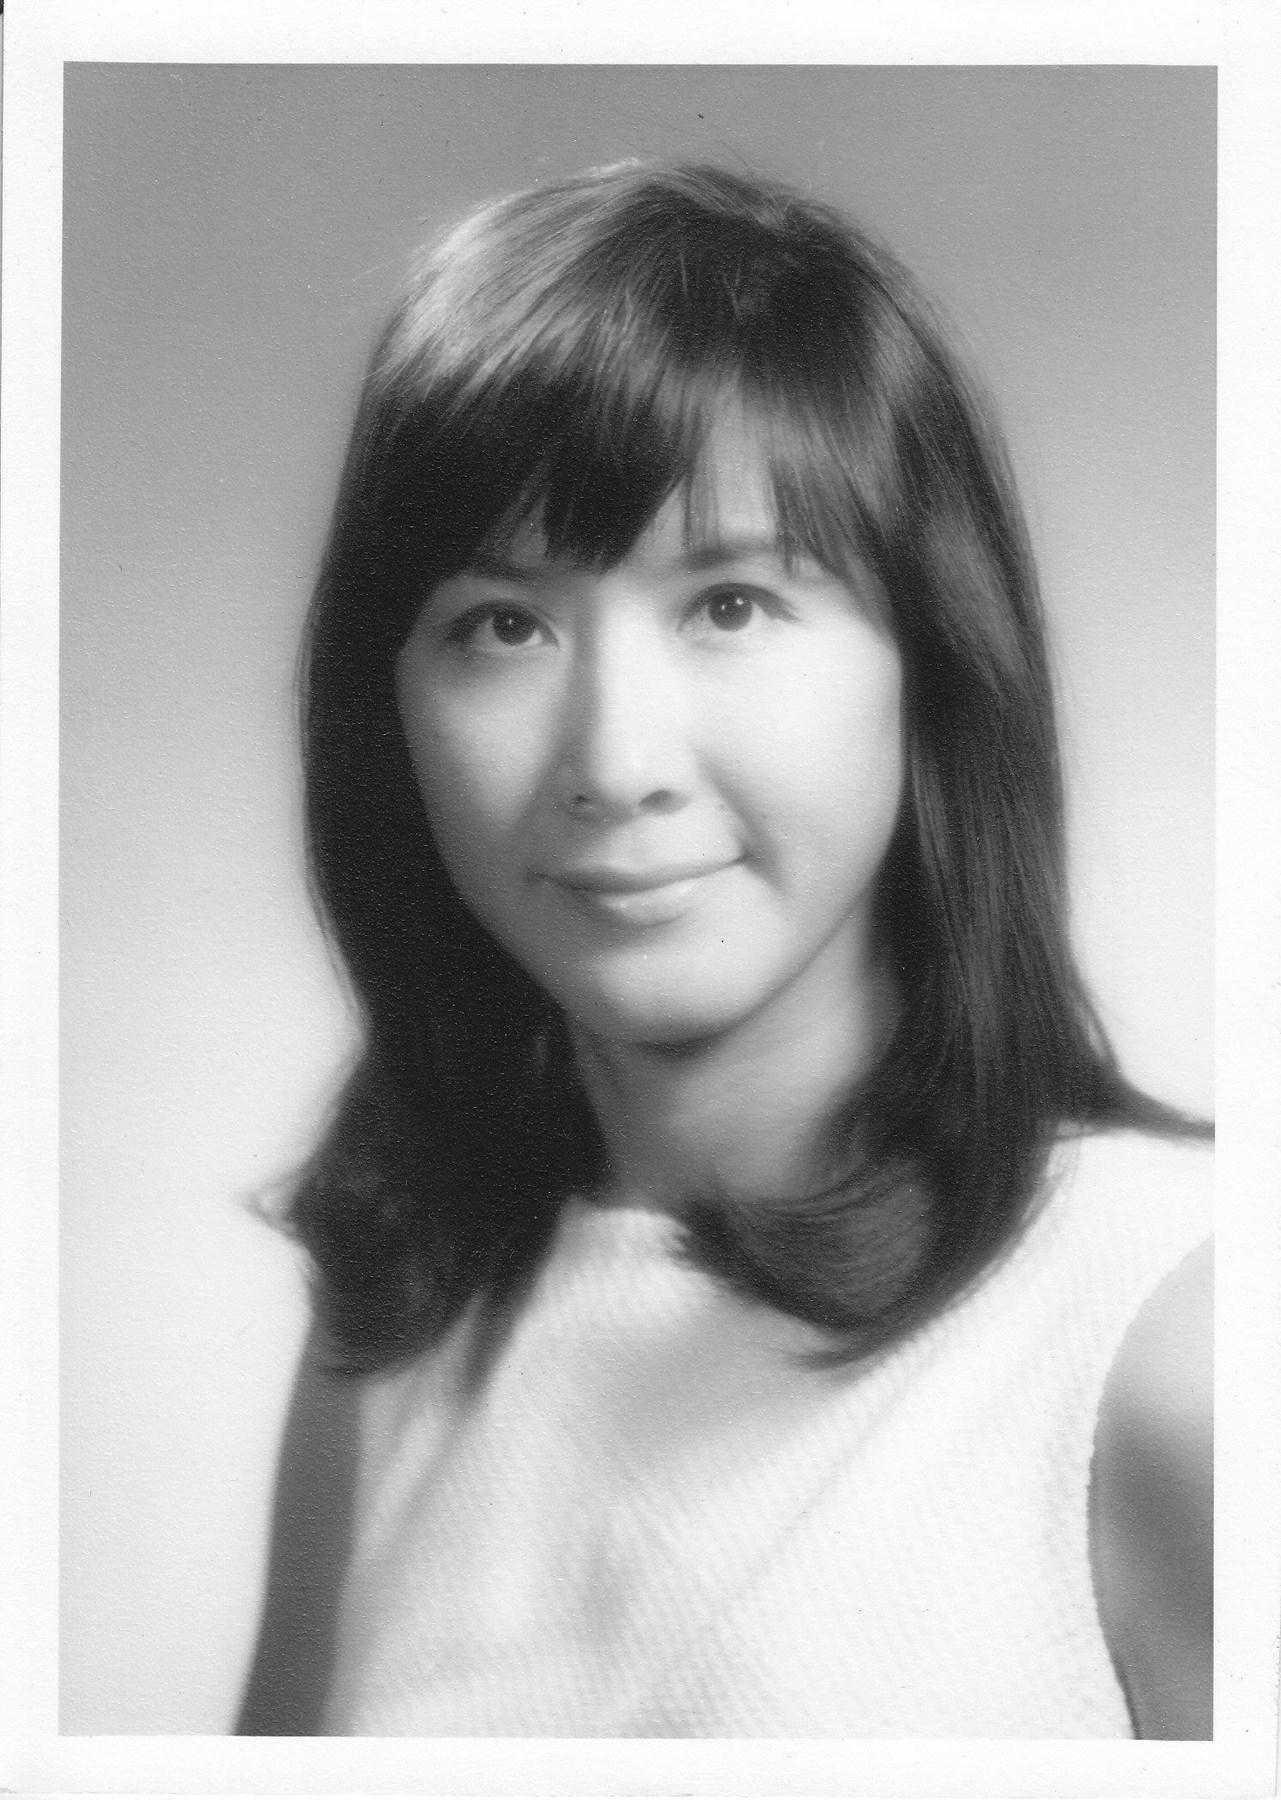 Yoko Kumada (b. 1982) pics